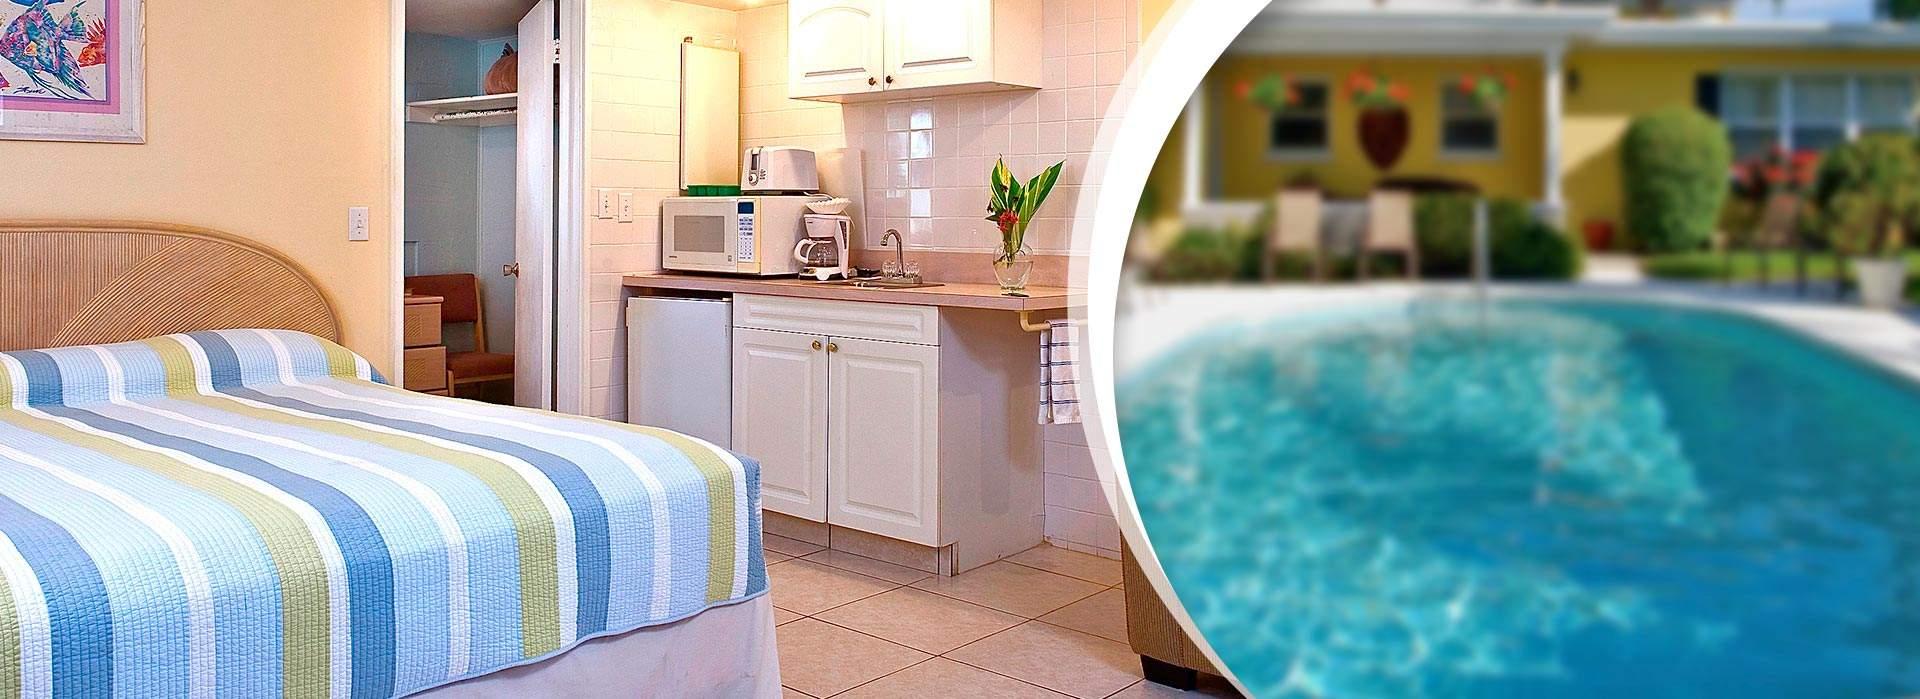 Vero Beach Hotel Vacation Rentals Vero Beach Florida